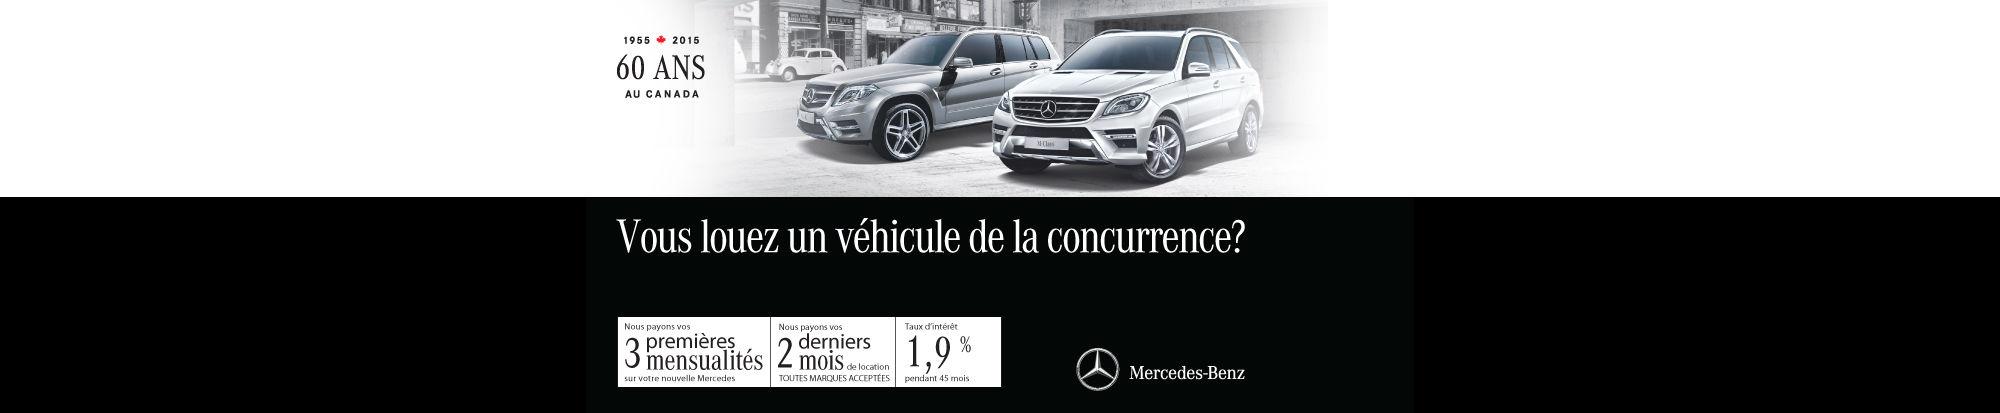 Événement mars Mercedes